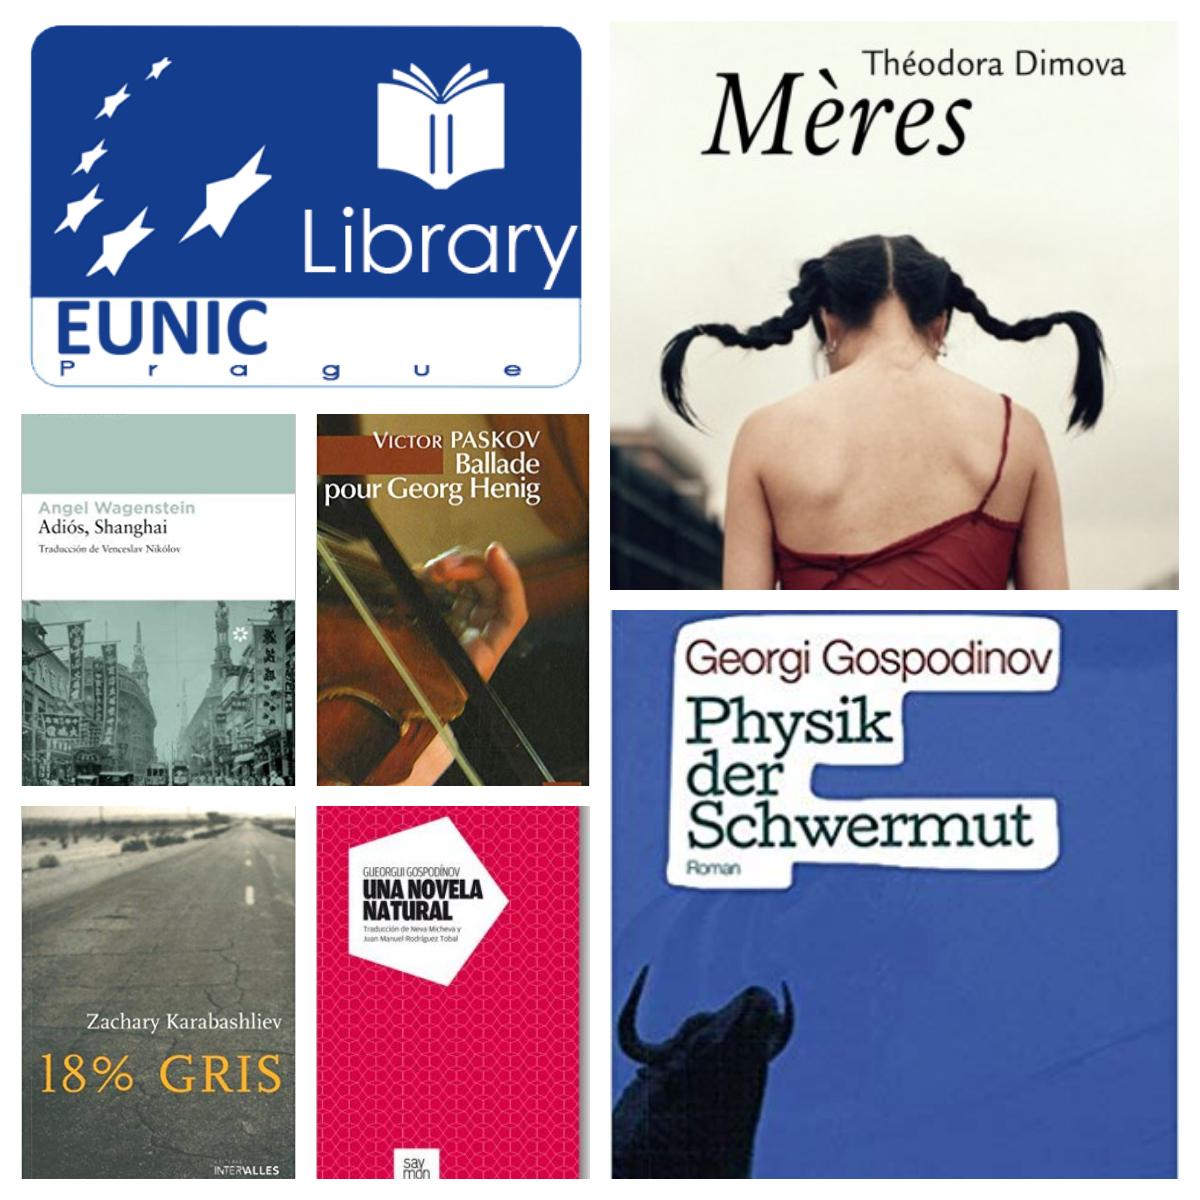 EUNIC Library BCI Prague May 2019